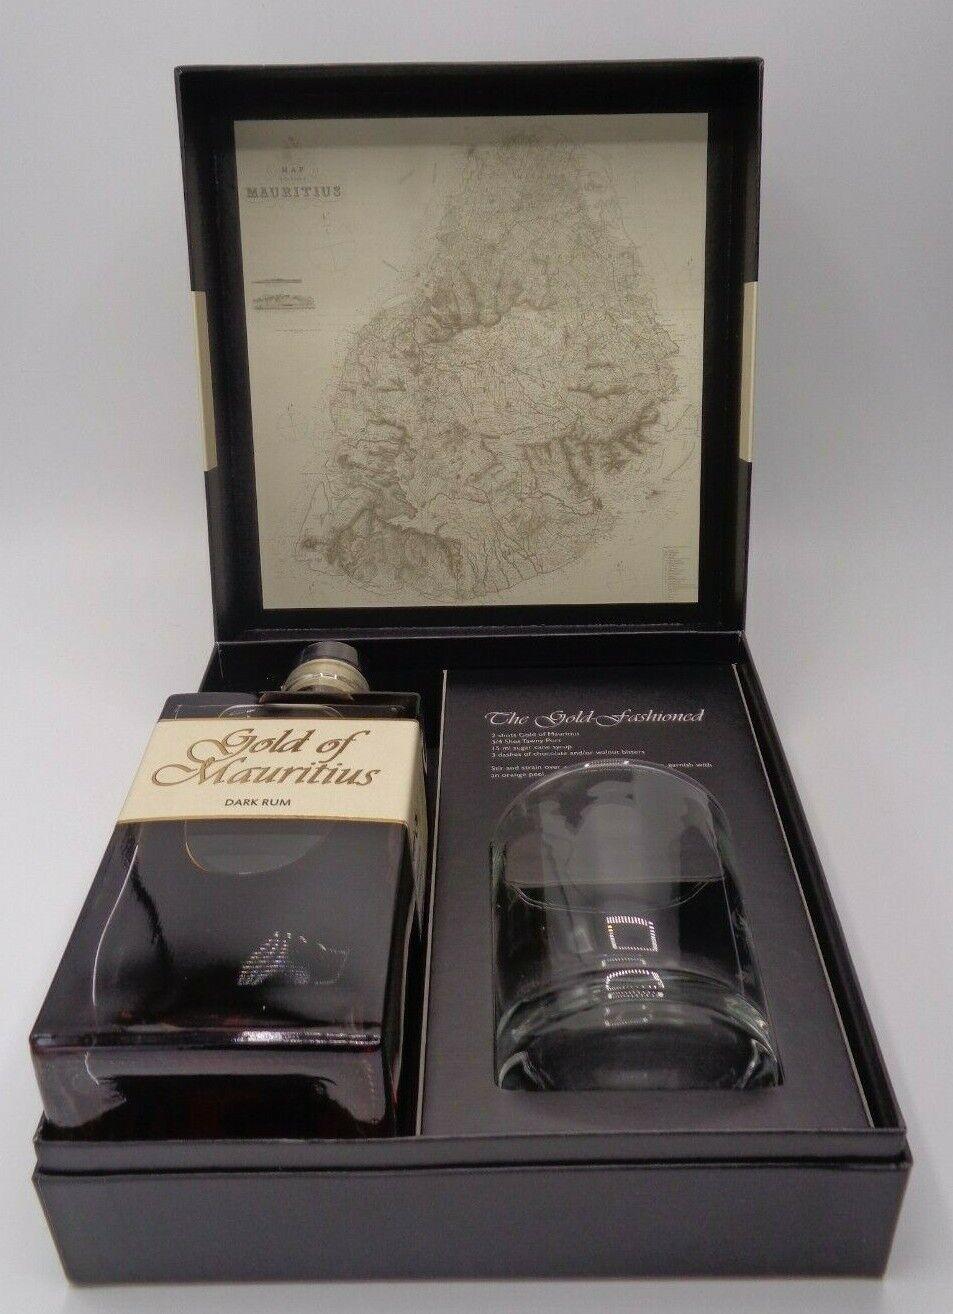 GOLD OF MAURITIUS DARK RUM, GESCHENKSET mit original Glas, 700ml., 40% Vol.